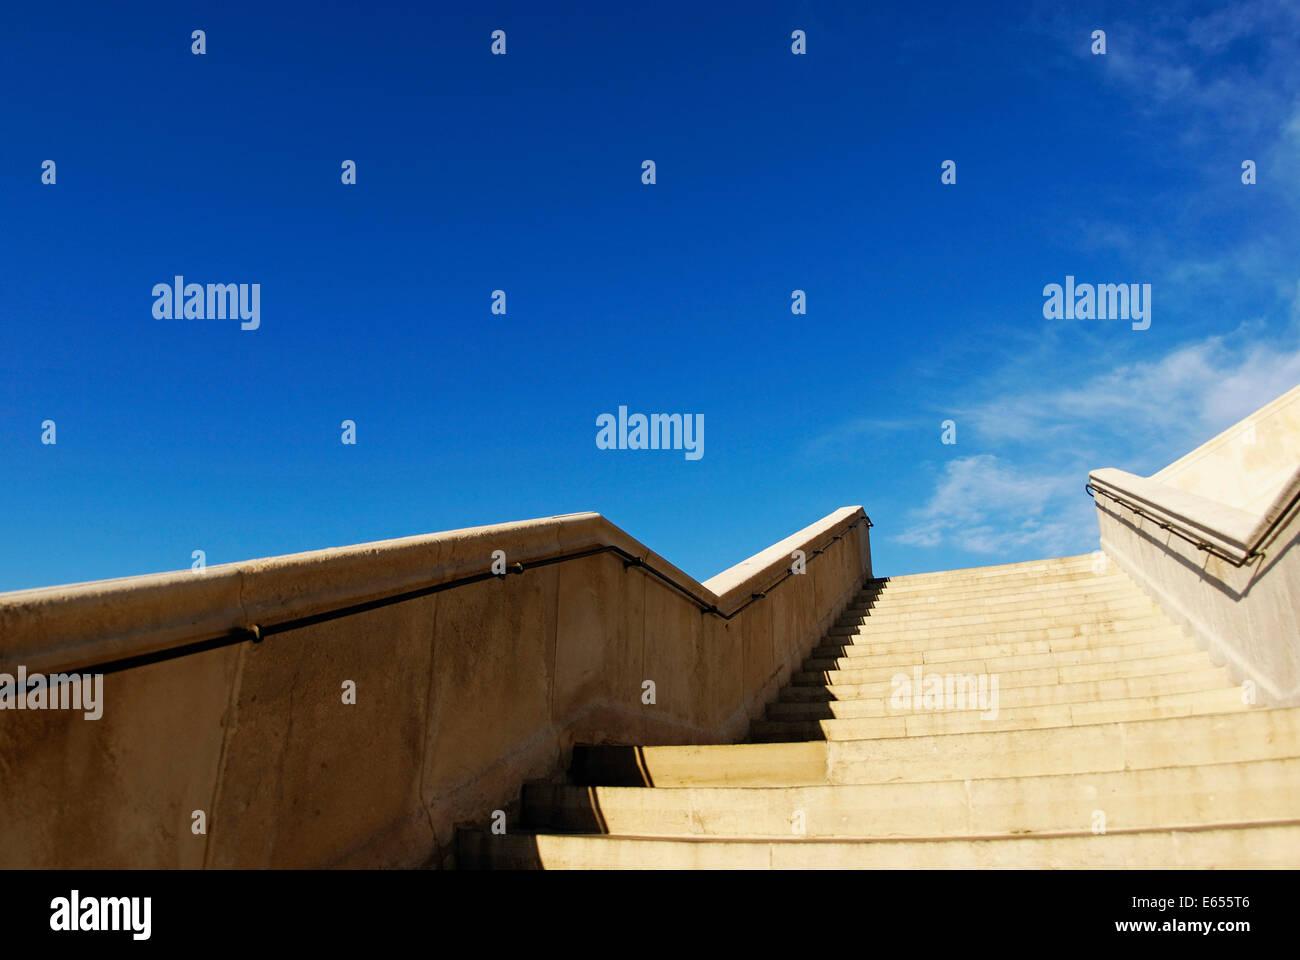 À la recherche d'un escaliers, marches en pierre, escalier qui monte vers le ciel bleu à l'extérieur Photo Stock